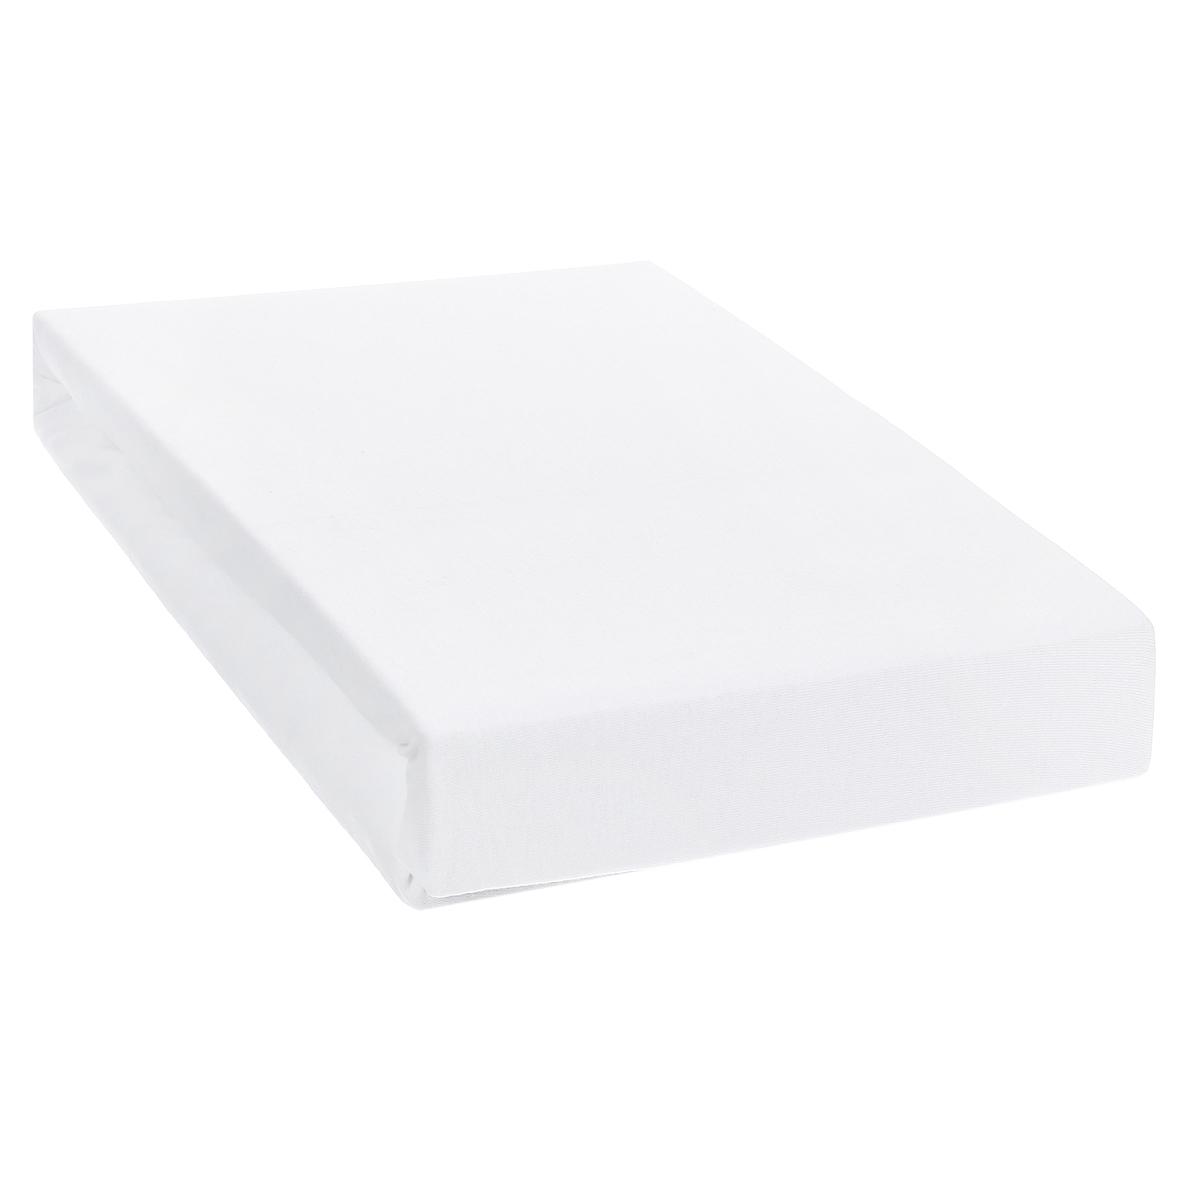 Простыня на резинке ЭГО, цвет: белый, 160 х 200 смЭ-ПР-02-35Трикотажная простыня ЭГО изготовлена из 100 % хлопка высокого качества. Натуральный, экологически чистый материал обеспечивает высокую гигиеничность изделия. Трикотаж имеет специальную структуру, образованную переплетением петель, что обеспечивает его растяжимость и эластичность. Наличие резинки позволяет легко зафиксировать простыню на матрасе. Она не сминается и не комкается во время сна. Трикотаж достаточно эластичен, поэтому изделия из него можно даже не гладить. Если простыня немного больше кровати, с помощью резинки ее можно подогнать под размер кровати, учитывая толщину матраса. Также ее можно использовать в качестве наматрасника. Резинка пришита по всему периметру простыни. Плотность 140 г/м2. Уход: машинная стирка при температуре 60°C. Не отбеливать.